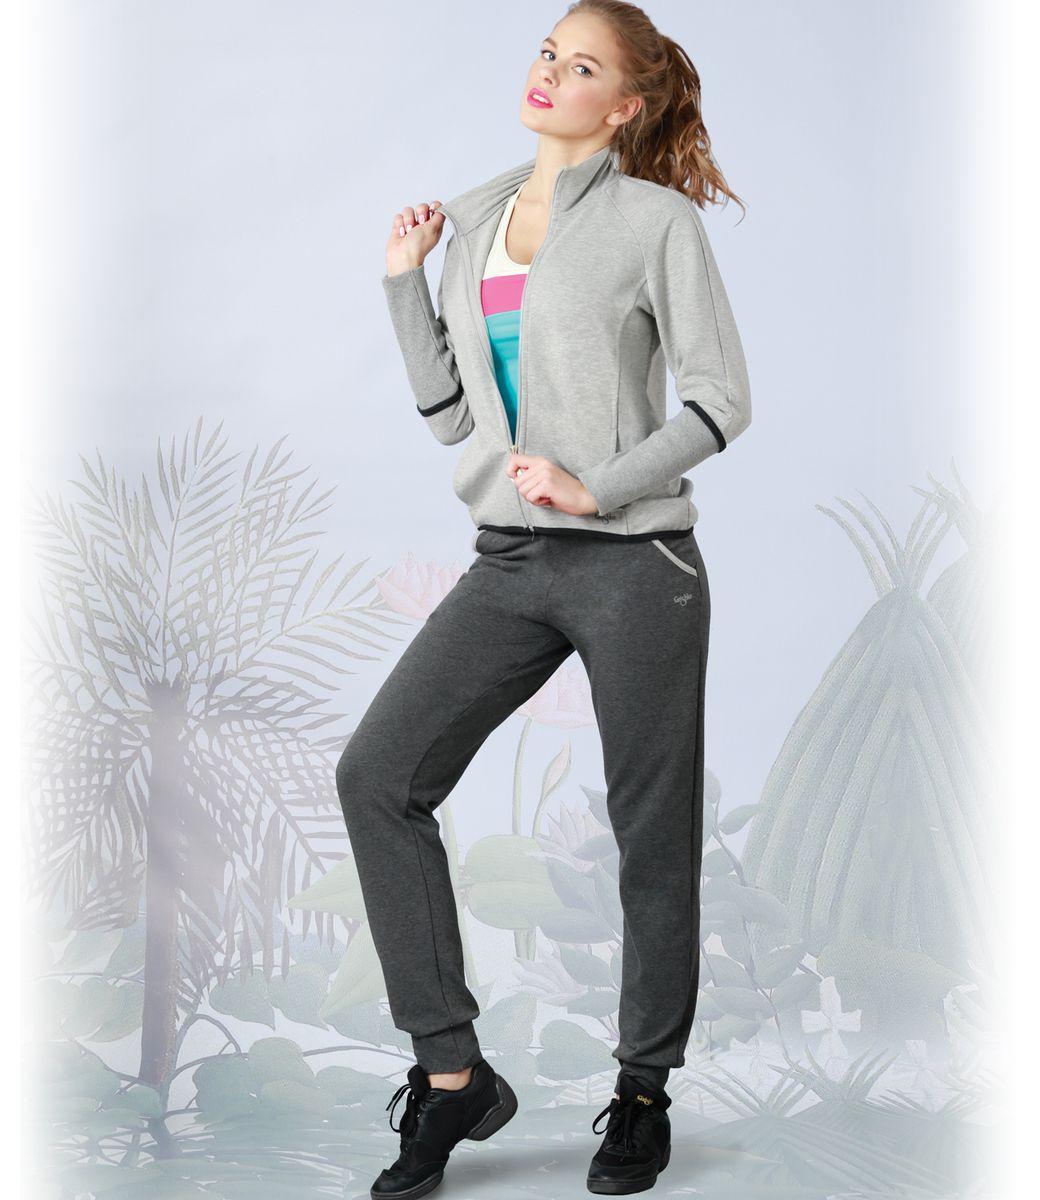 Брюки спортивныеAL- 2772Прямые спортивные брюки с манжетом и карманами из линии Grishko fitnes Такие брюки в новом сезоне - незаменимая вещь в спортивном и летнем гардеробе. Они отлично комбинируется с одеждой из линии Grishko fitness.. Толстовка изготовлена из материалов высокого качества — натурального меланжевого хлопка с добавлением лайкры. Прекрасный выбор для занятий фитнесом или активного отдыха.